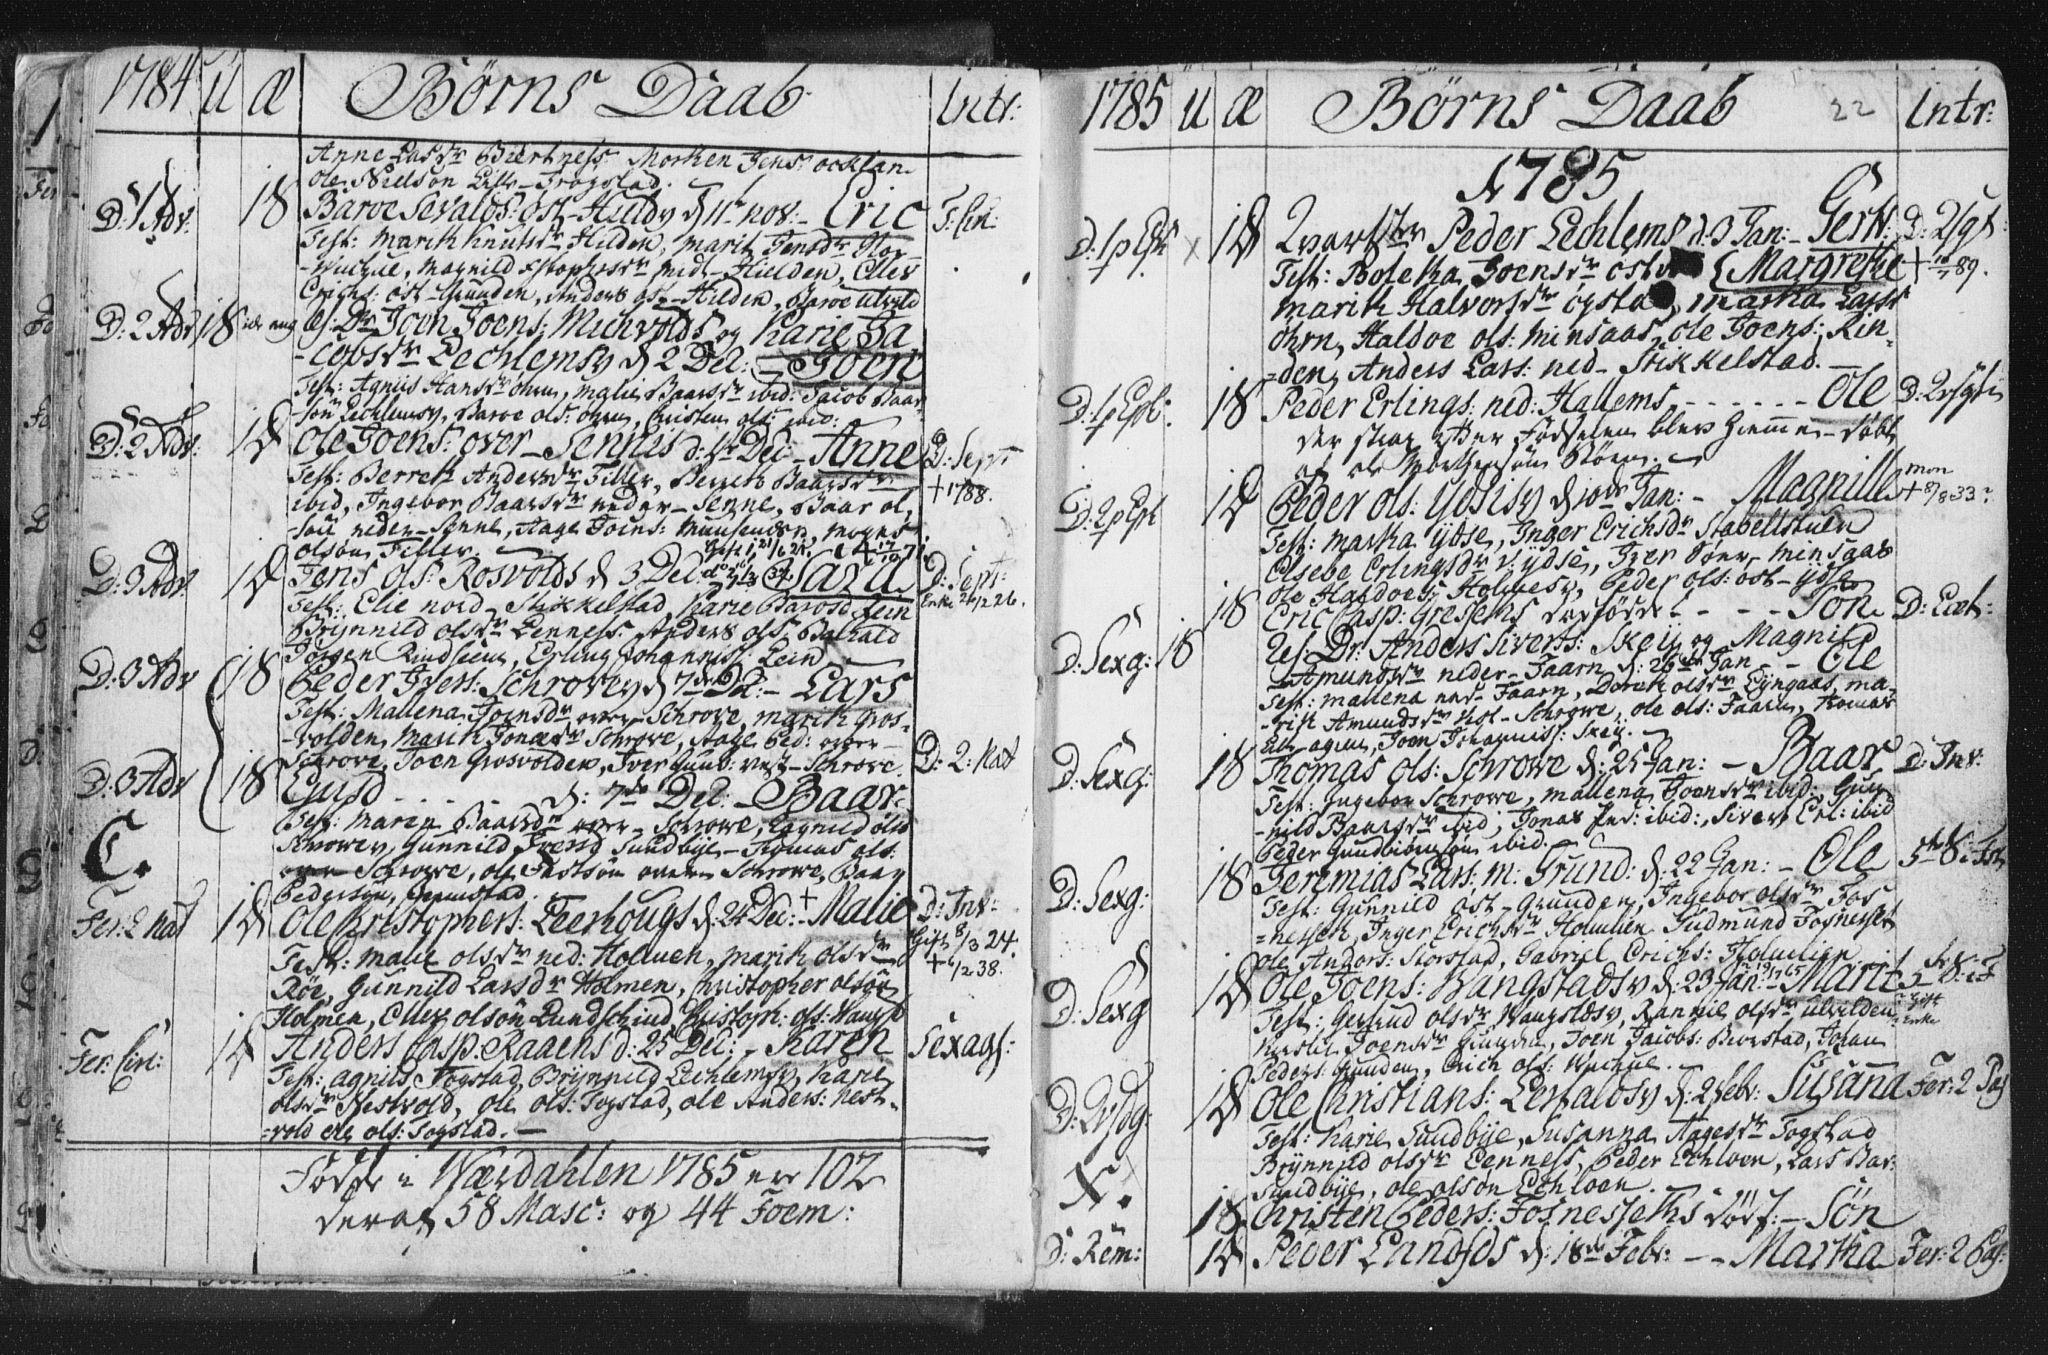 SAT, Ministerialprotokoller, klokkerbøker og fødselsregistre - Nord-Trøndelag, 723/L0232: Ministerialbok nr. 723A03, 1781-1804, s. 22